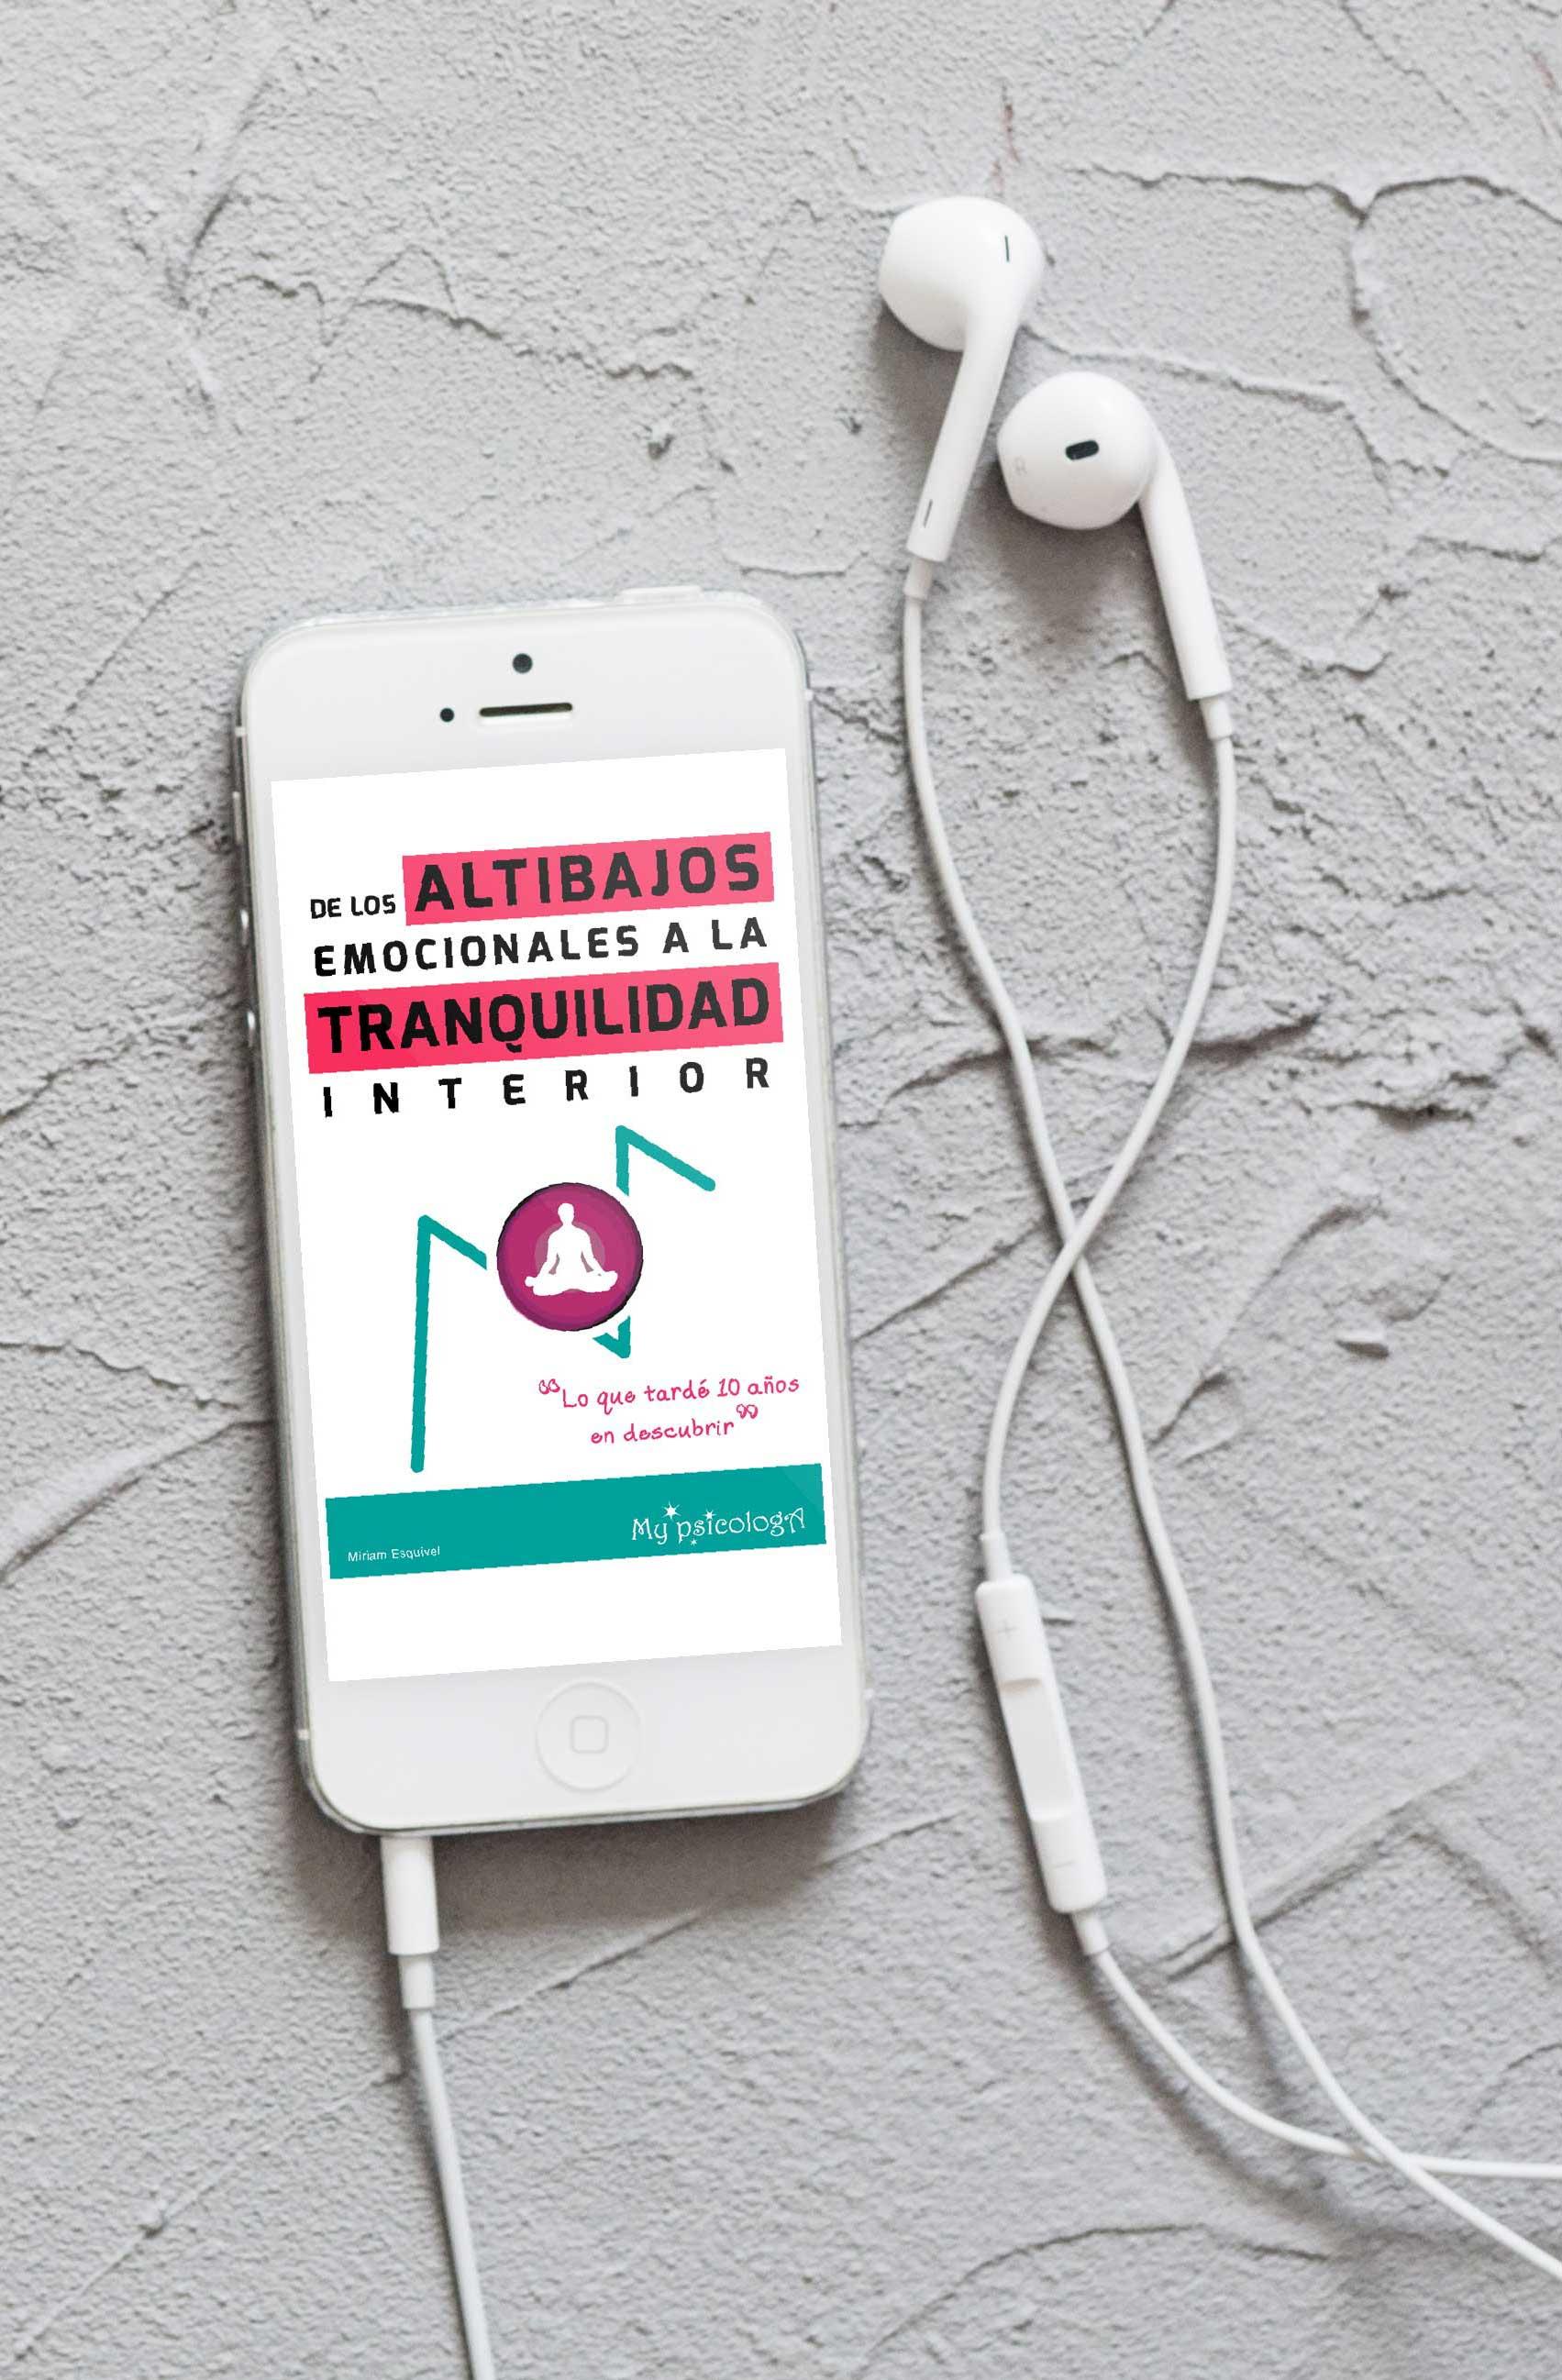 audiobook-movil-altibajos-emocionales-5